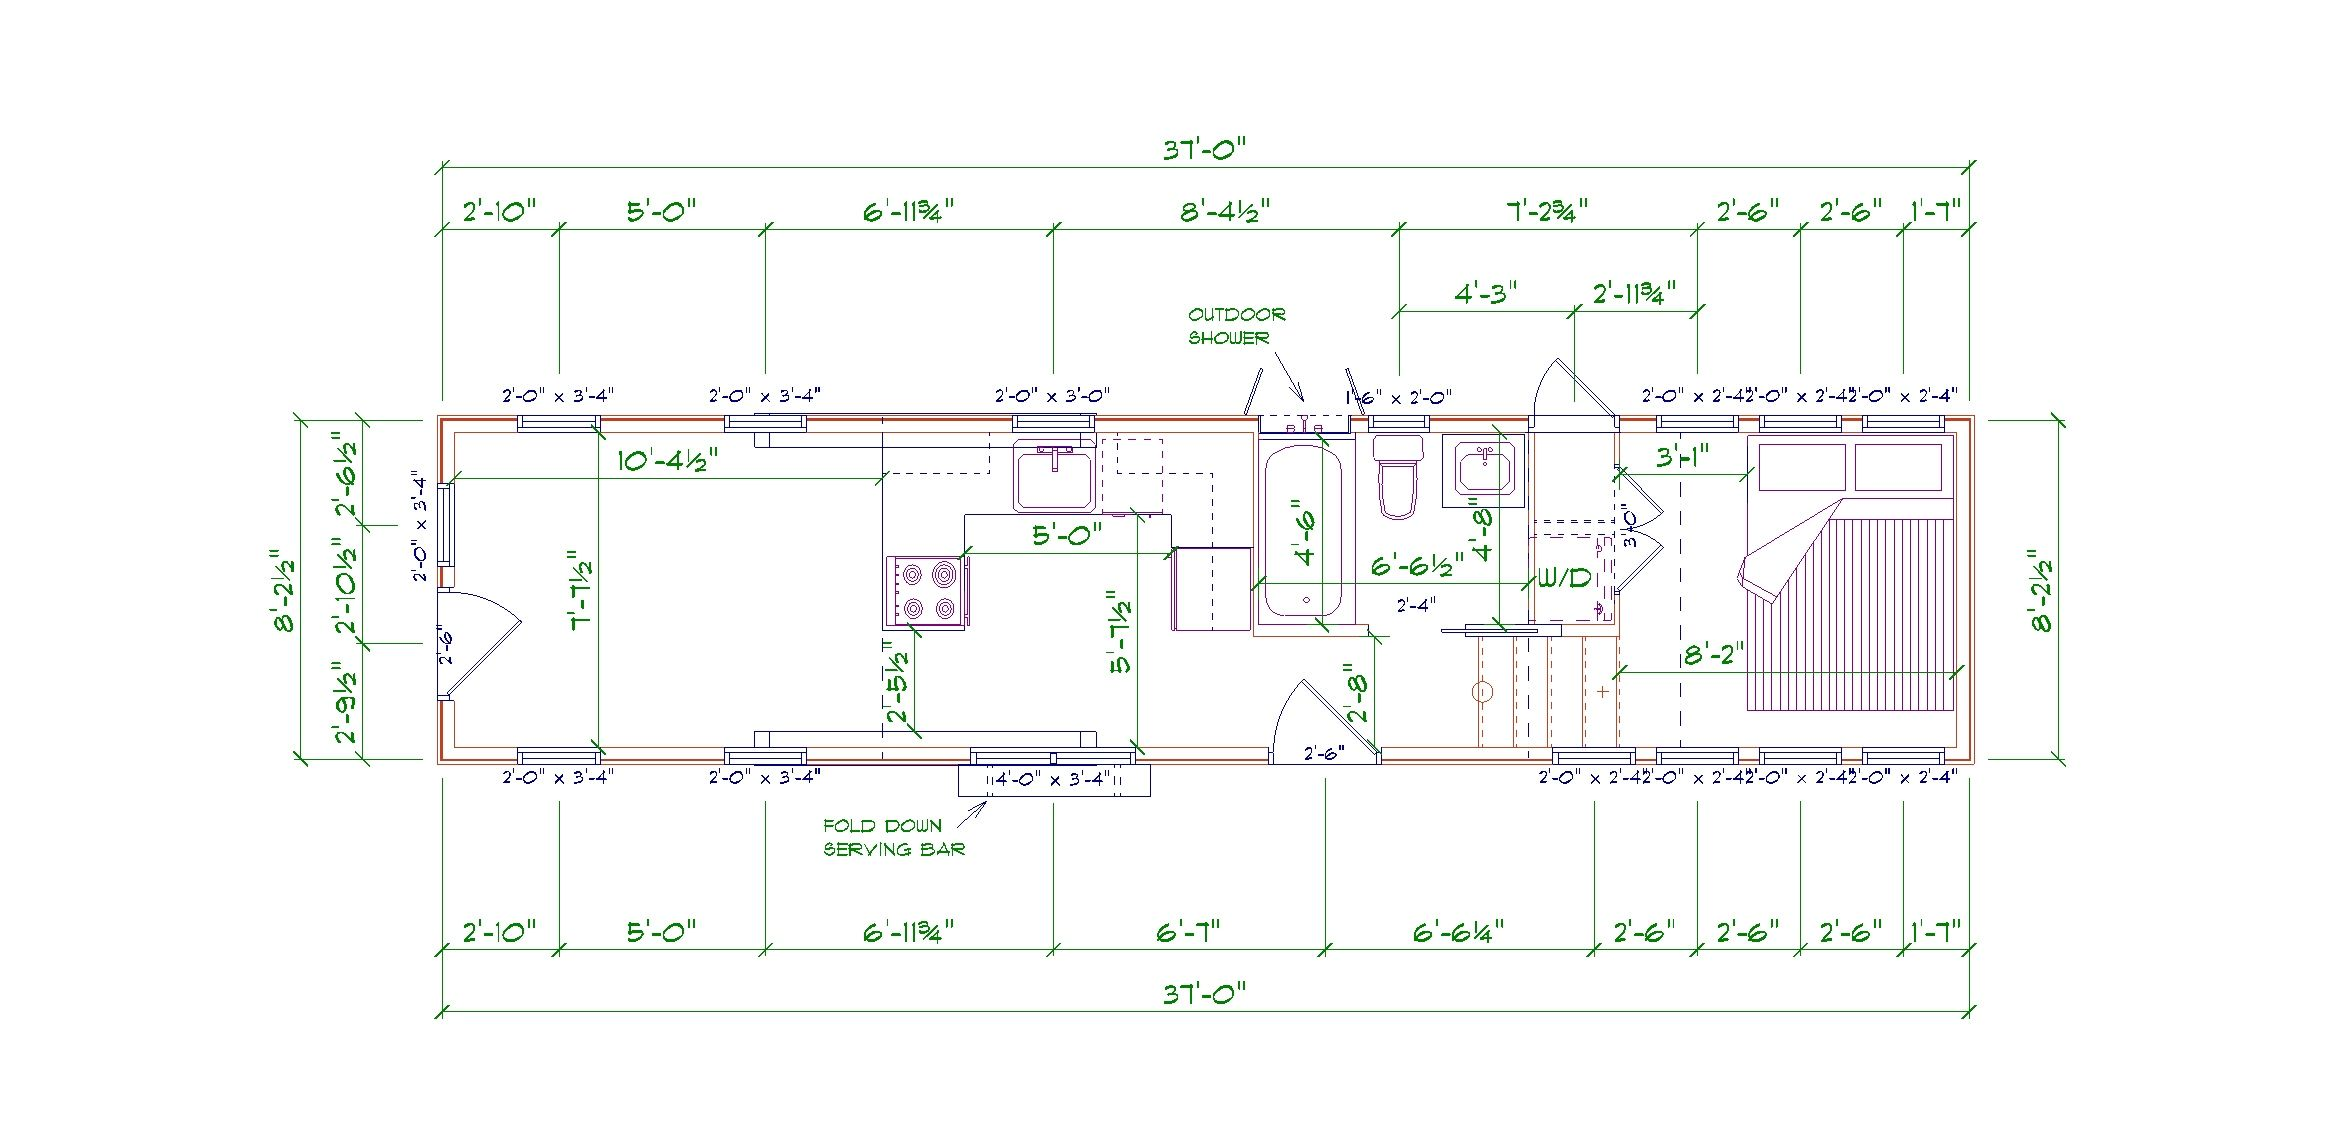 Timbercraft Denali Floorplan 37' gooseneck | Timbercraft